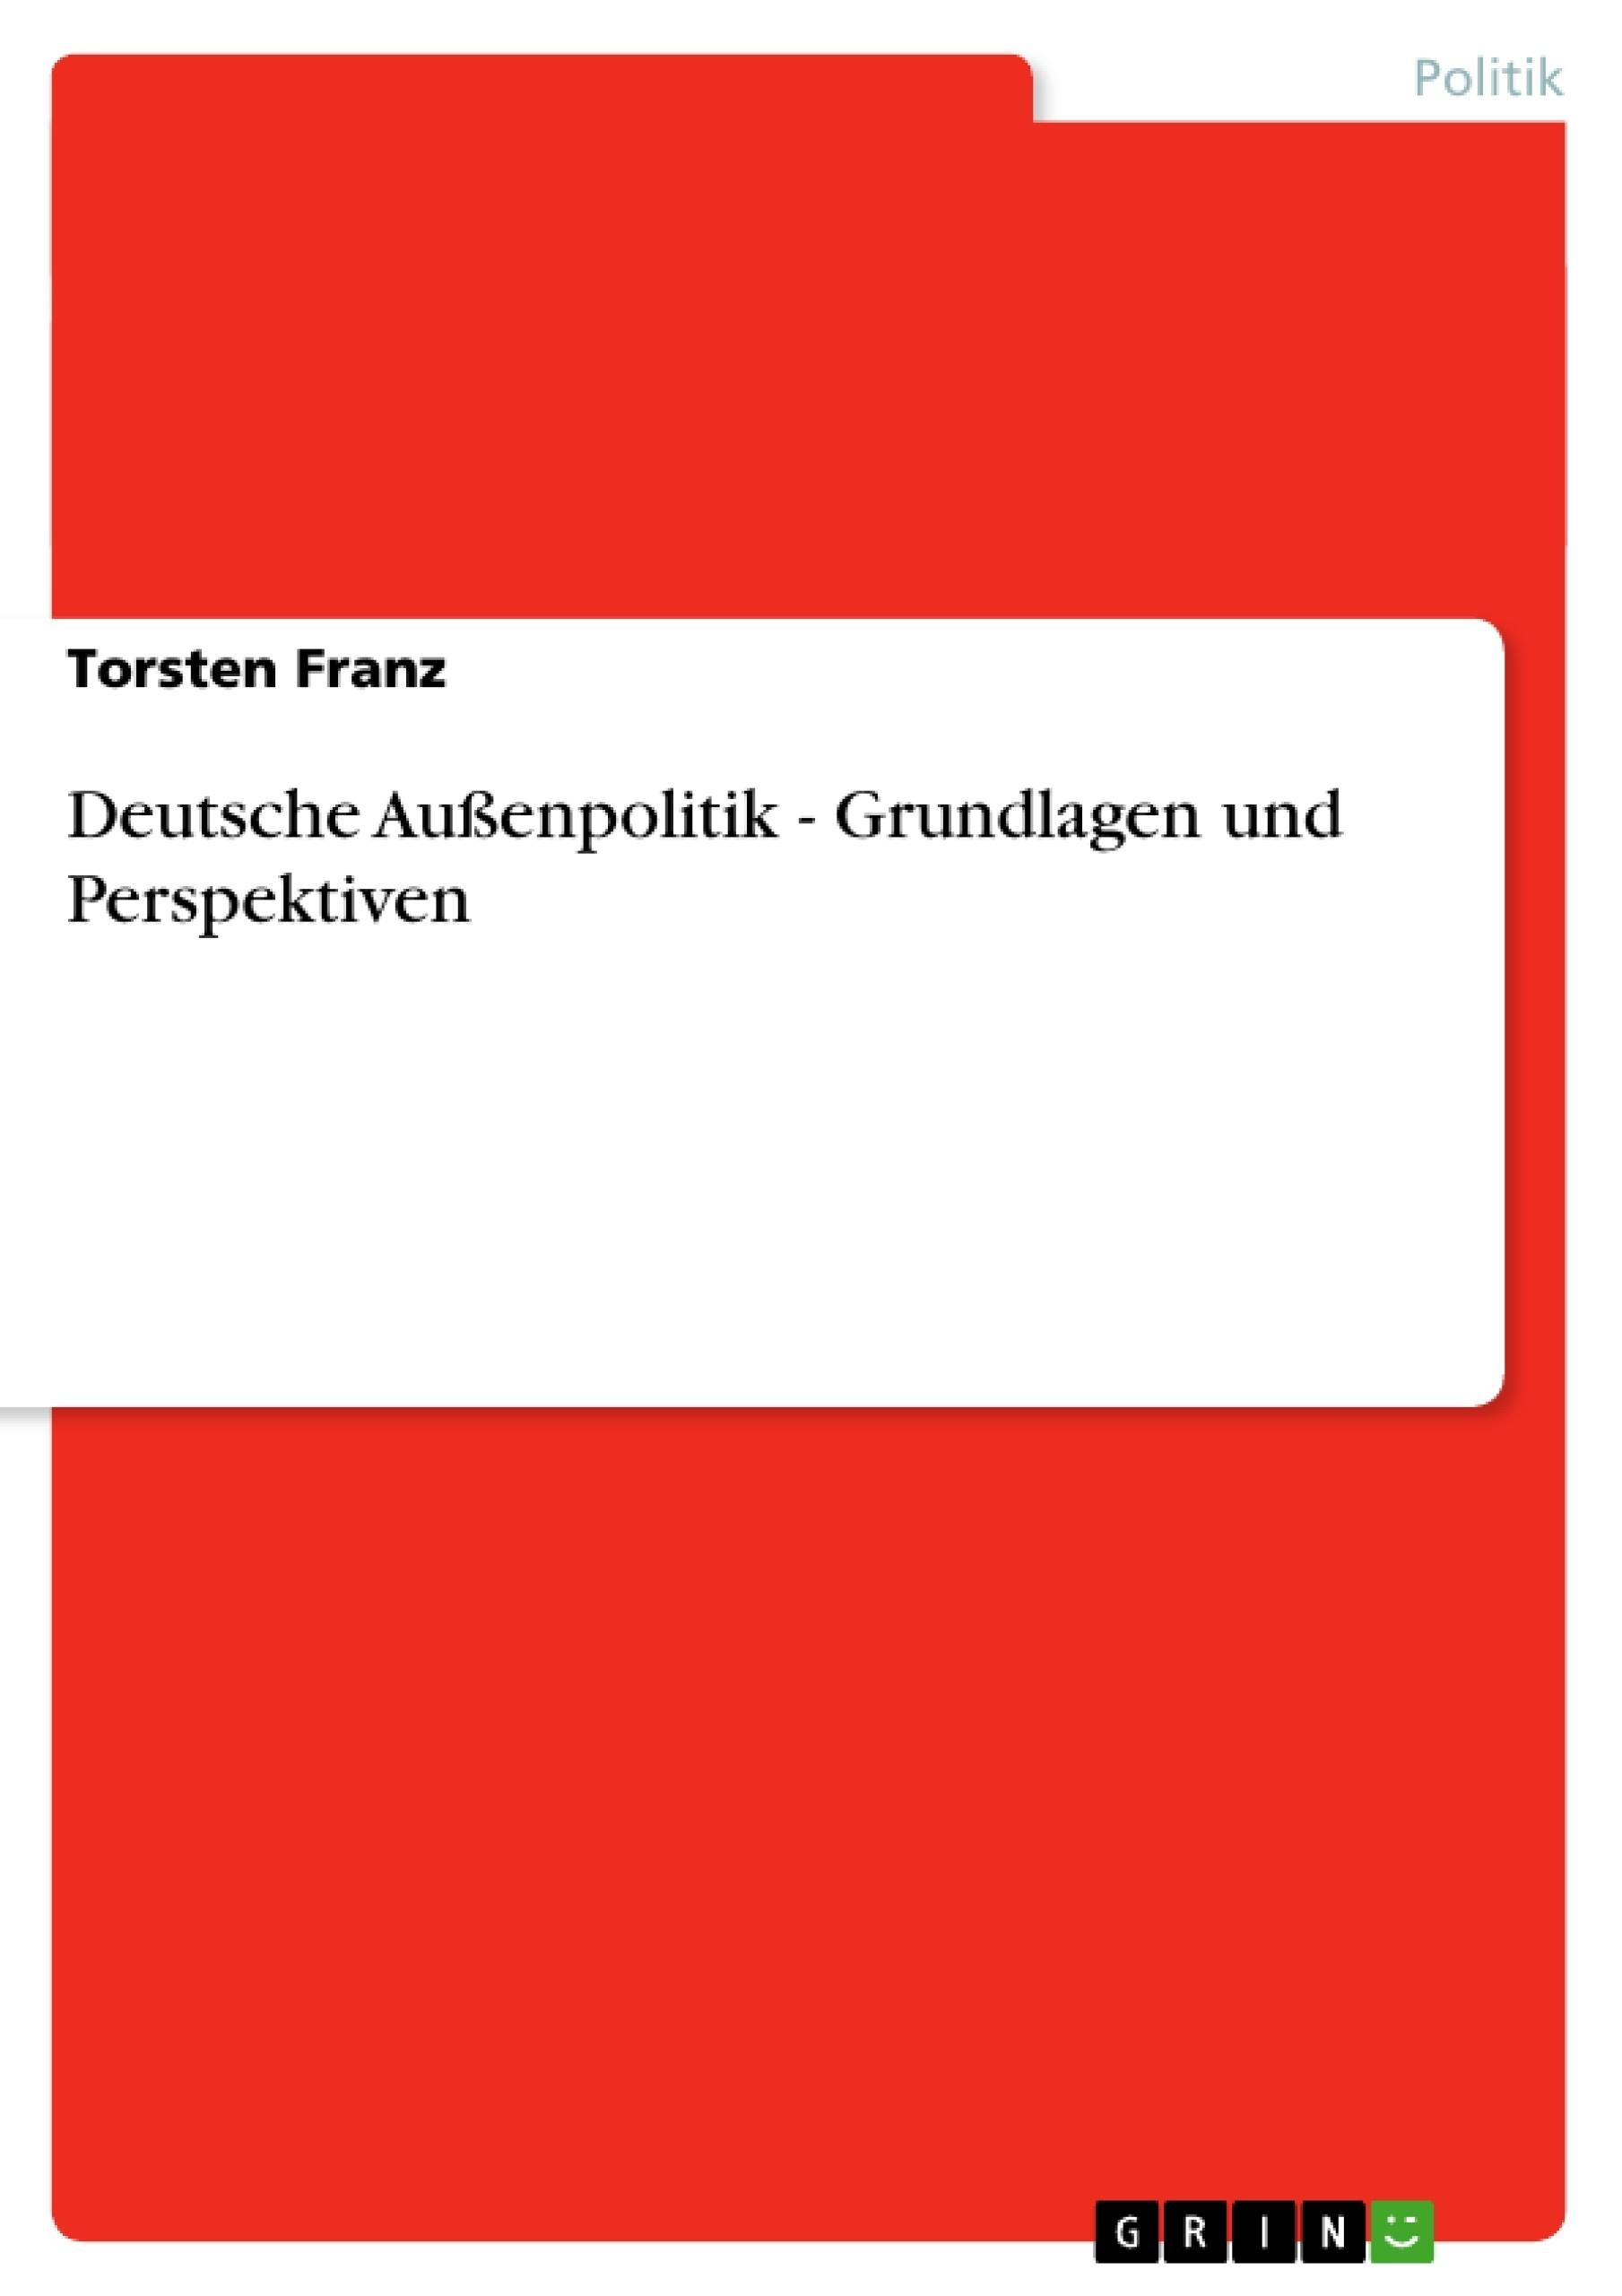 Titel: Deutsche Außenpolitik - Grundlagen und Perspektiven